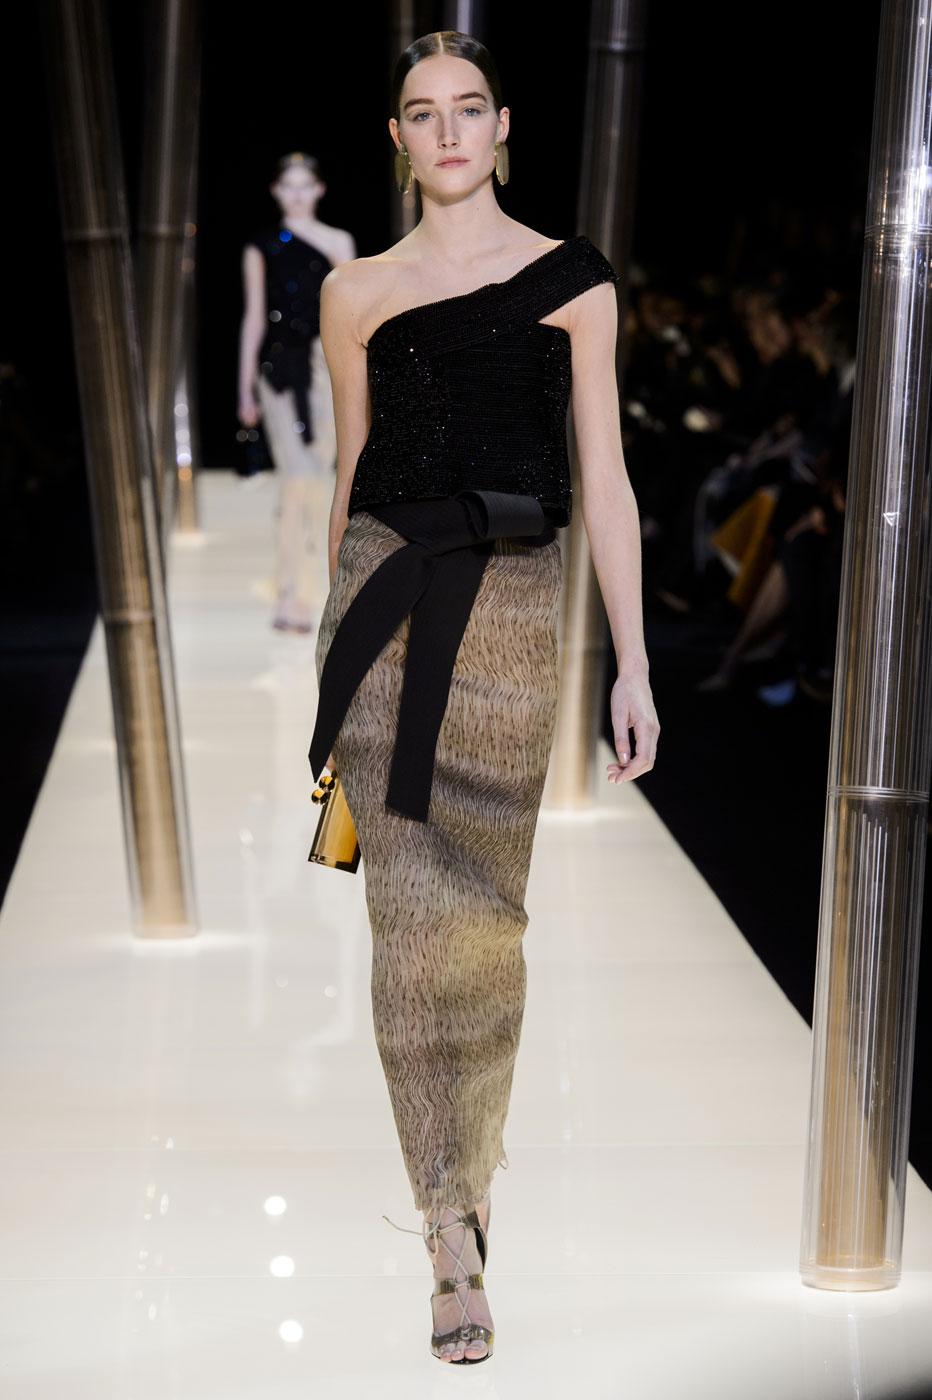 Giorgio-armani-Prive-fashion-runway-show-haute-couture-paris-spring-2015-the-impression-087